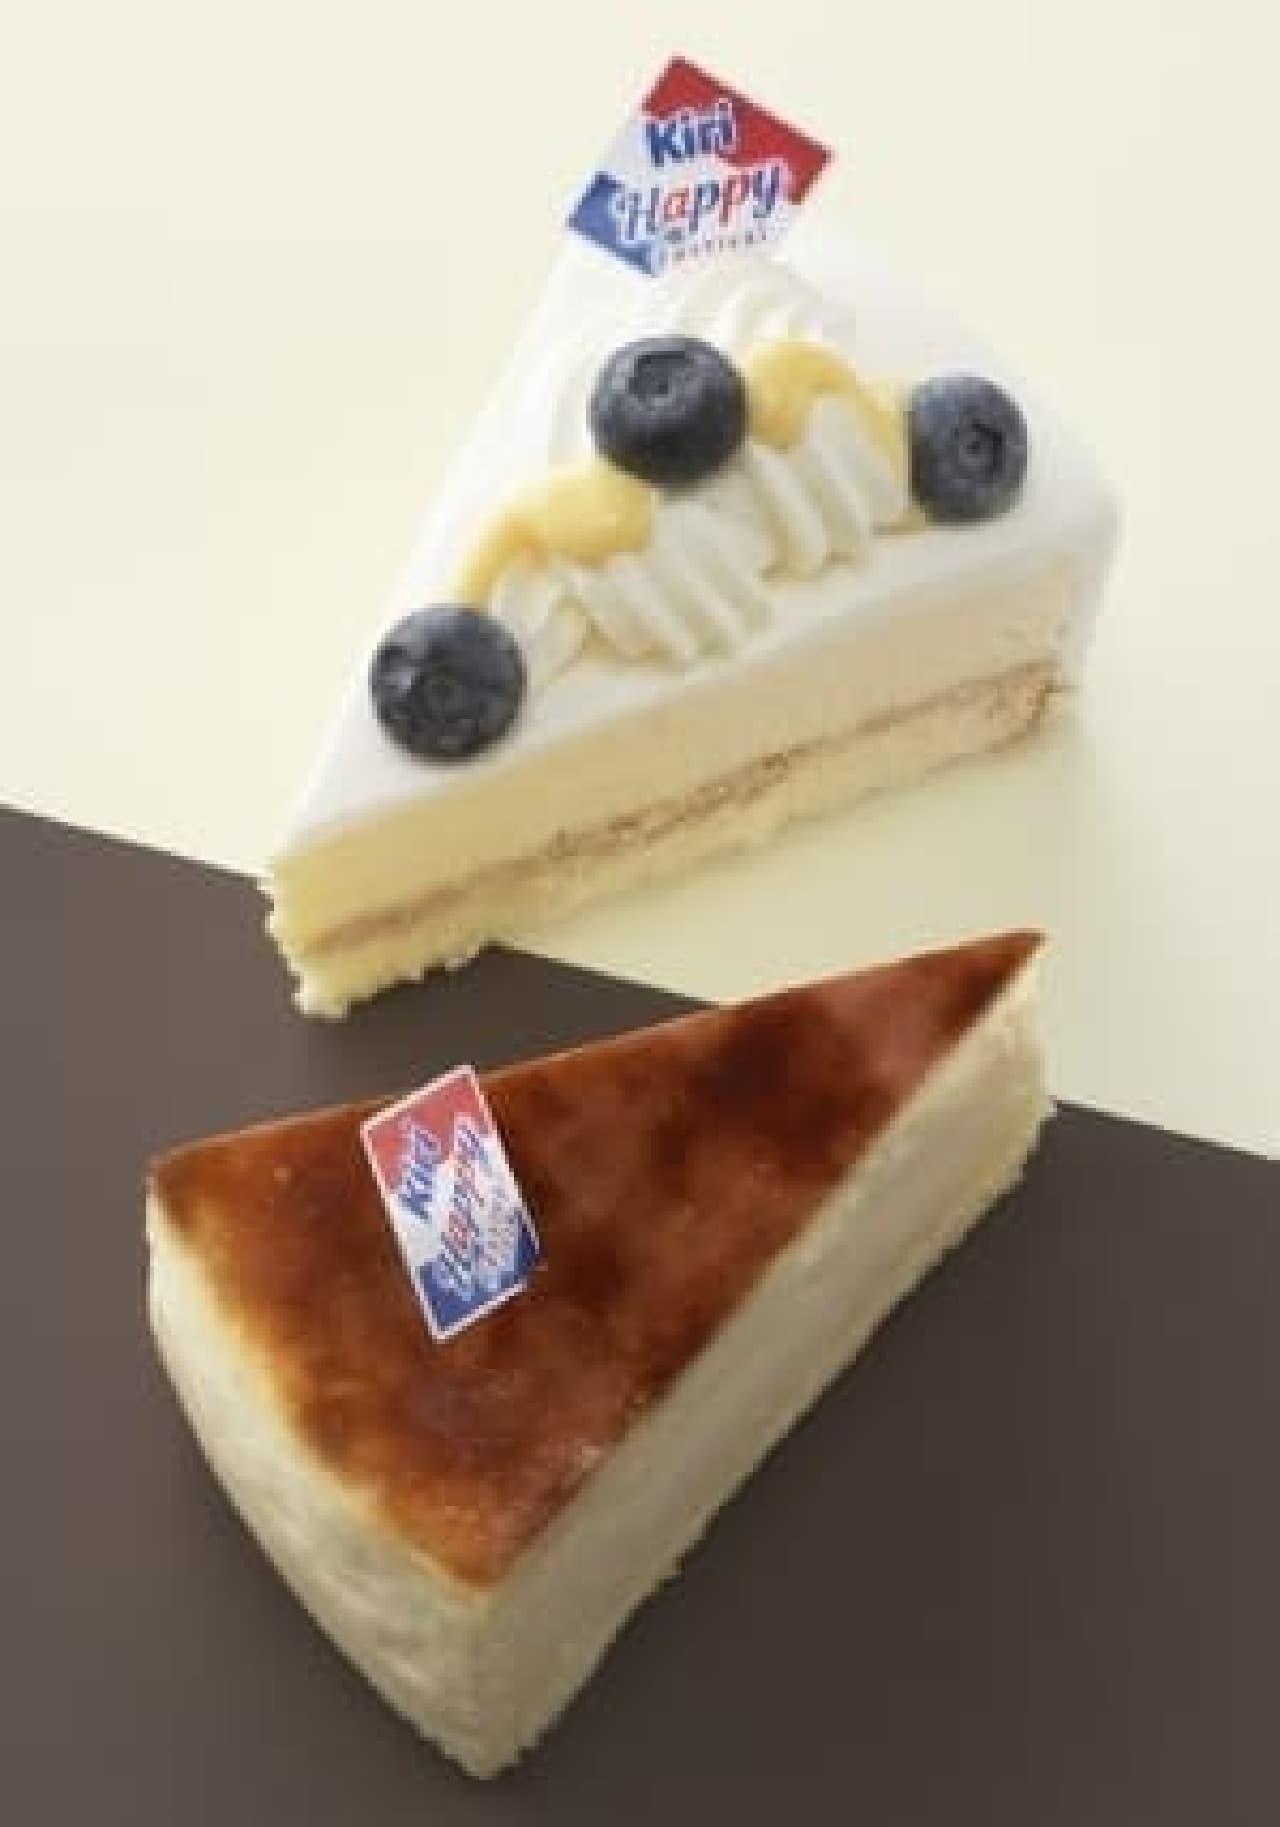 銀座コージーコーナー「とろけるバスクチーズ」と「濃厚レアチーズ」